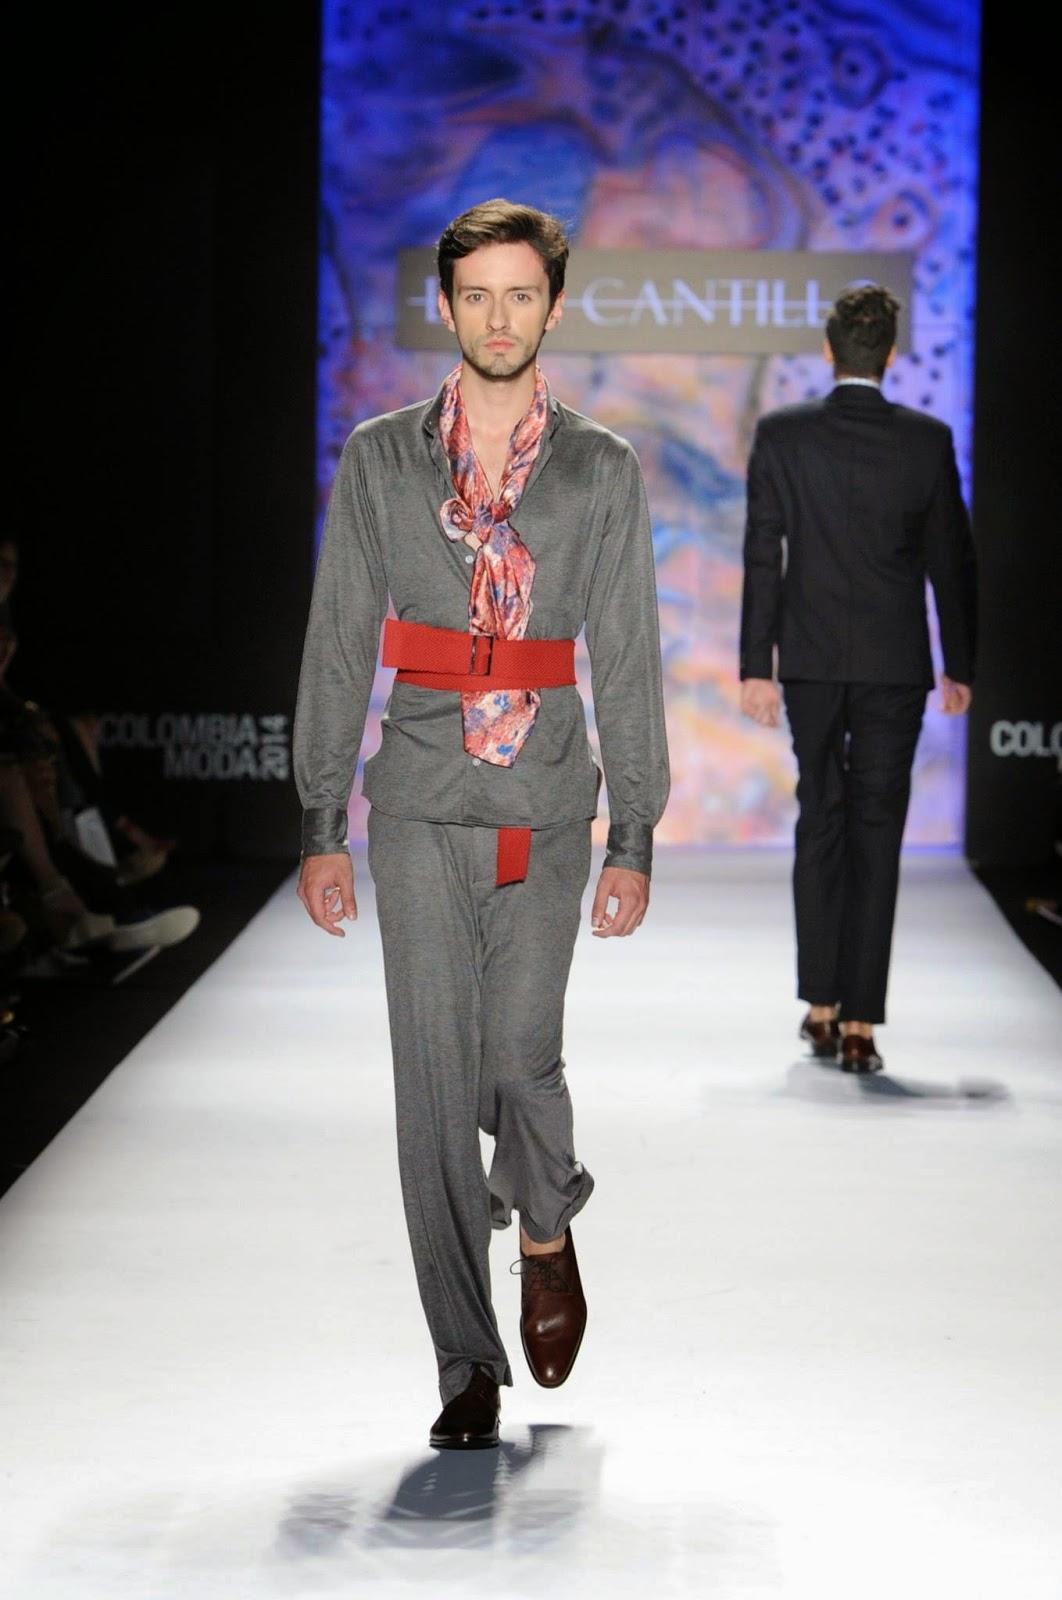 lina cantillo colombiamoda 2014 male fashion trends